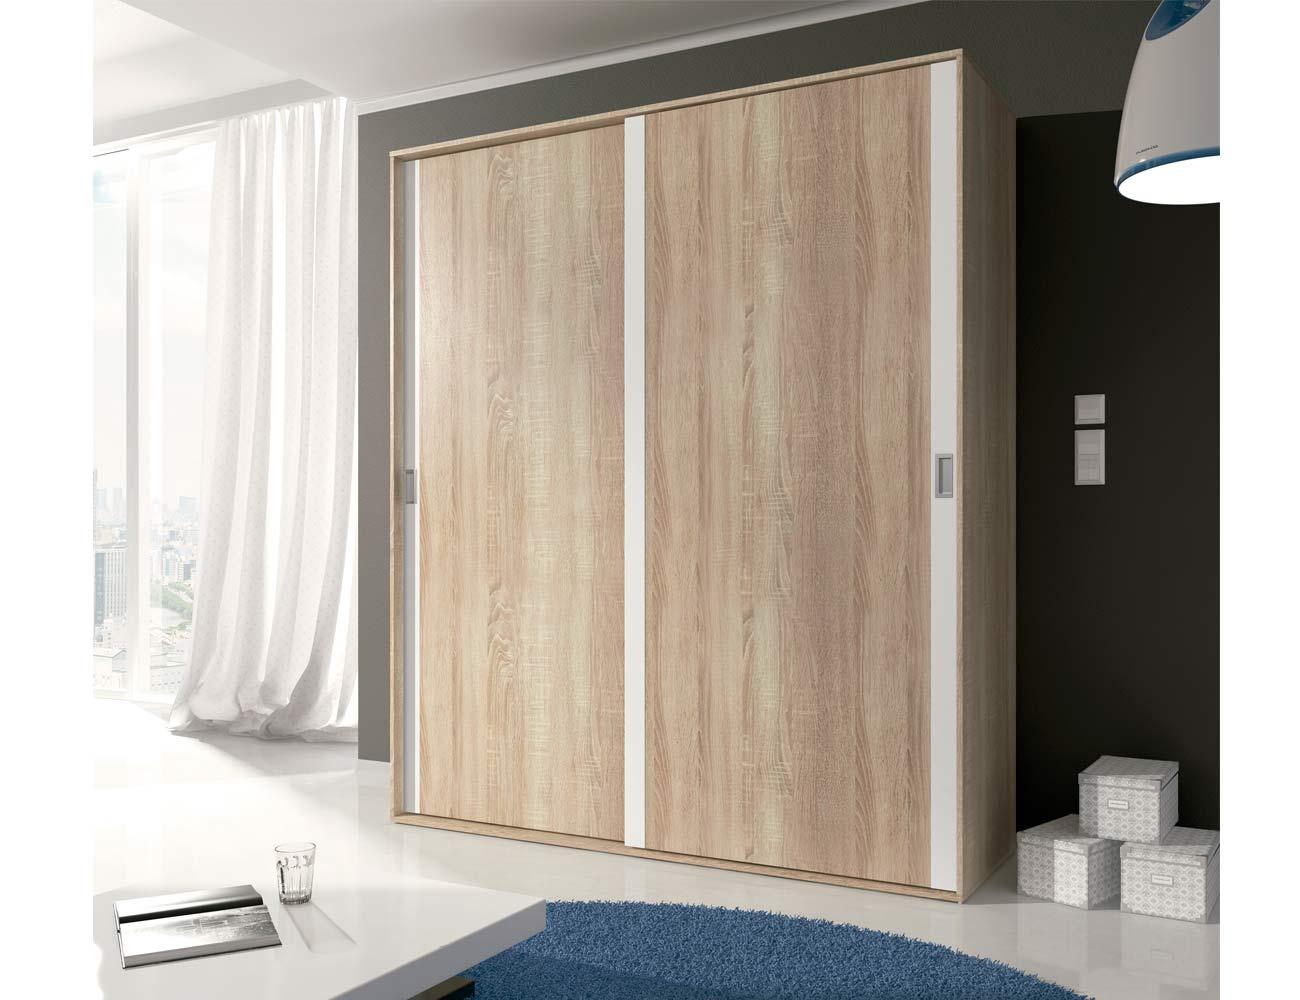 Detalle armario puertas correderas cambrian blanco1